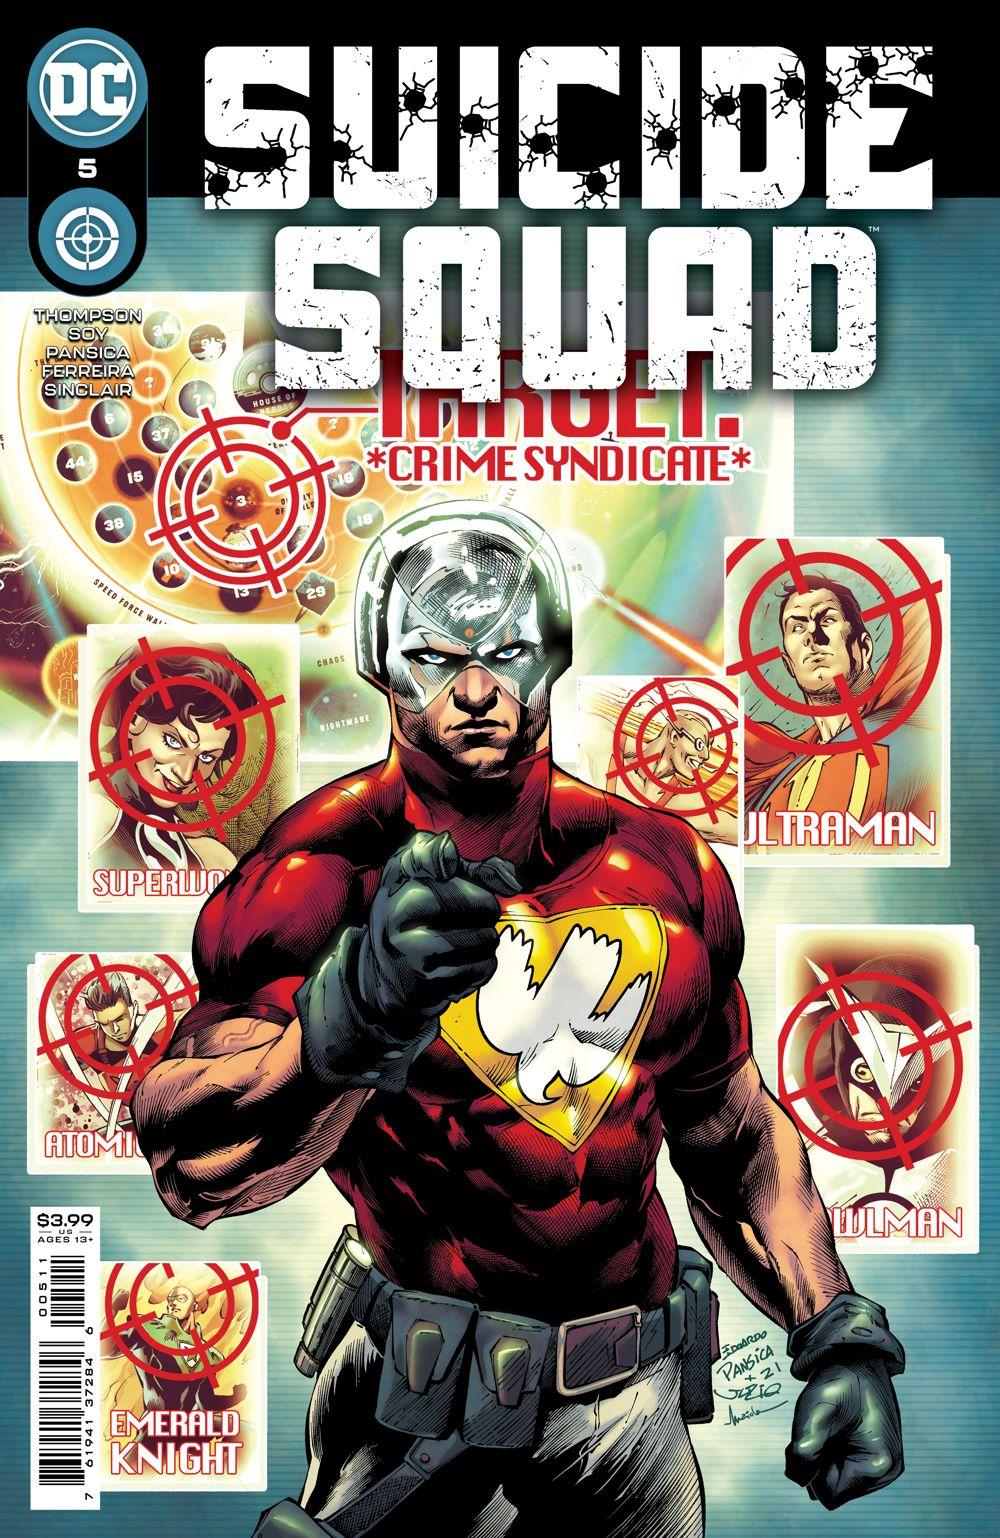 SUICIDESQUAD_Cv5 DC Comics July 2021 Solicitations